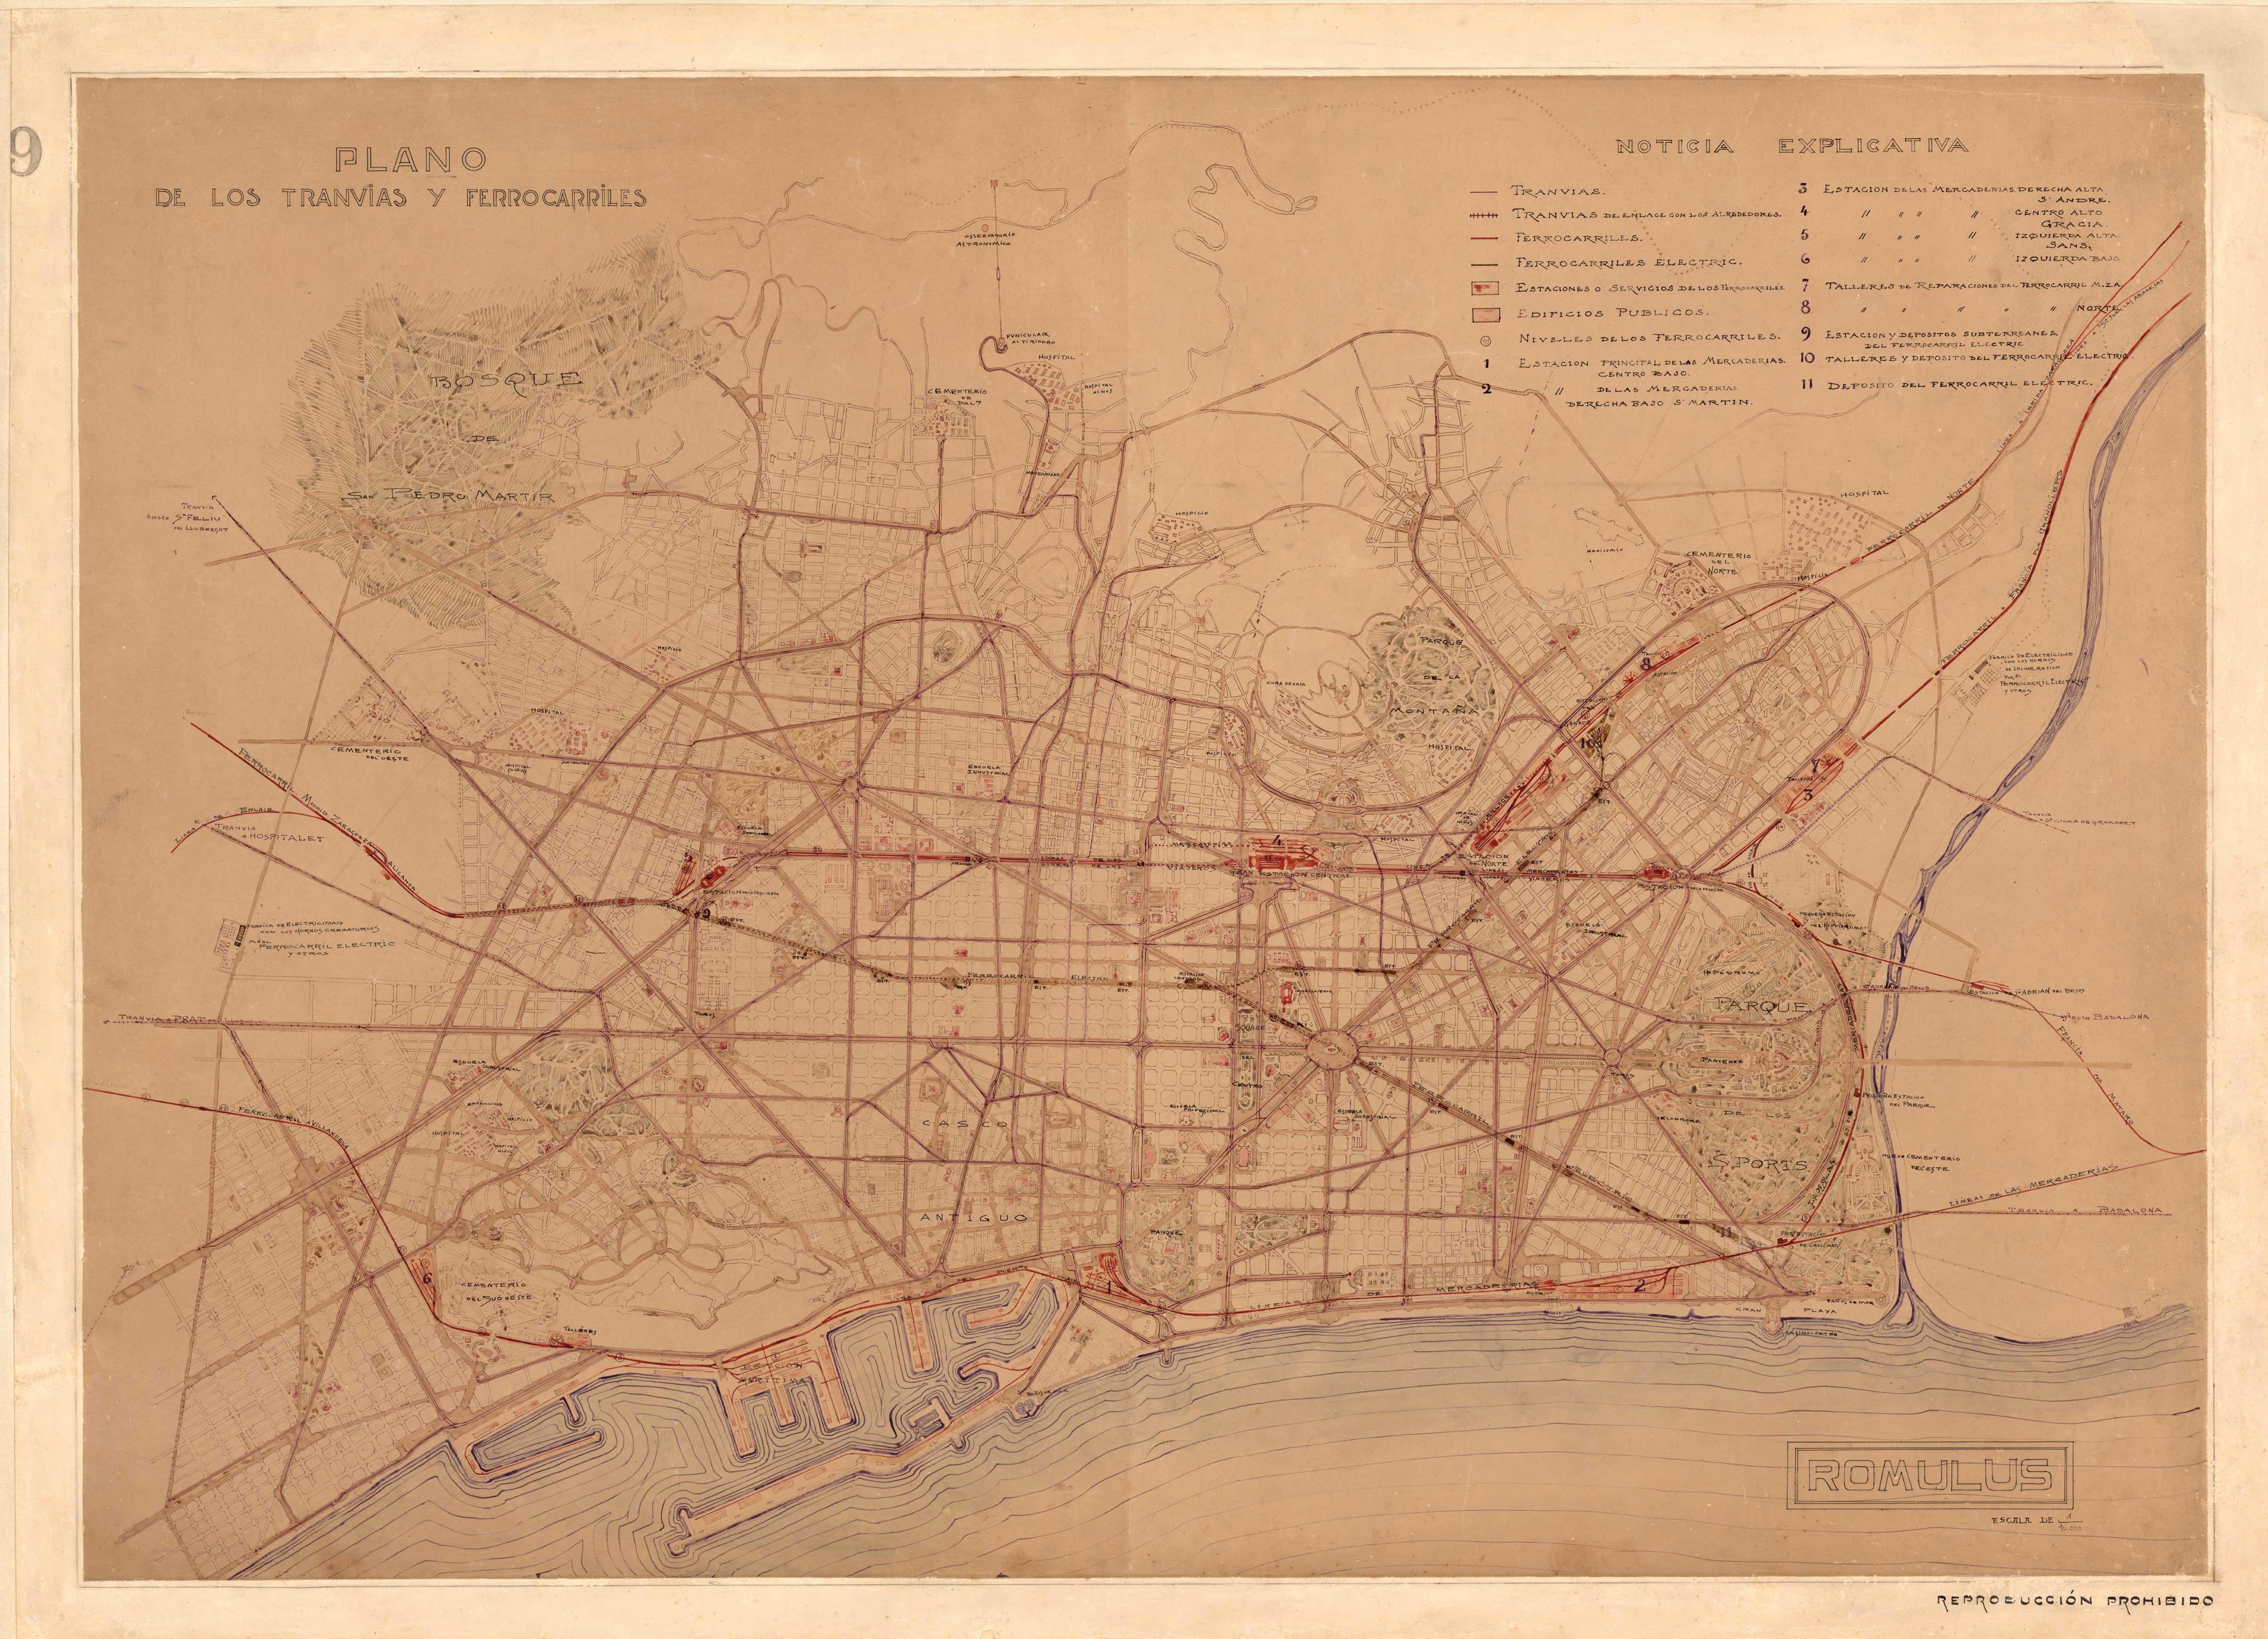 Plano de los tranvías y ferrocarriles de Barcelona 1905